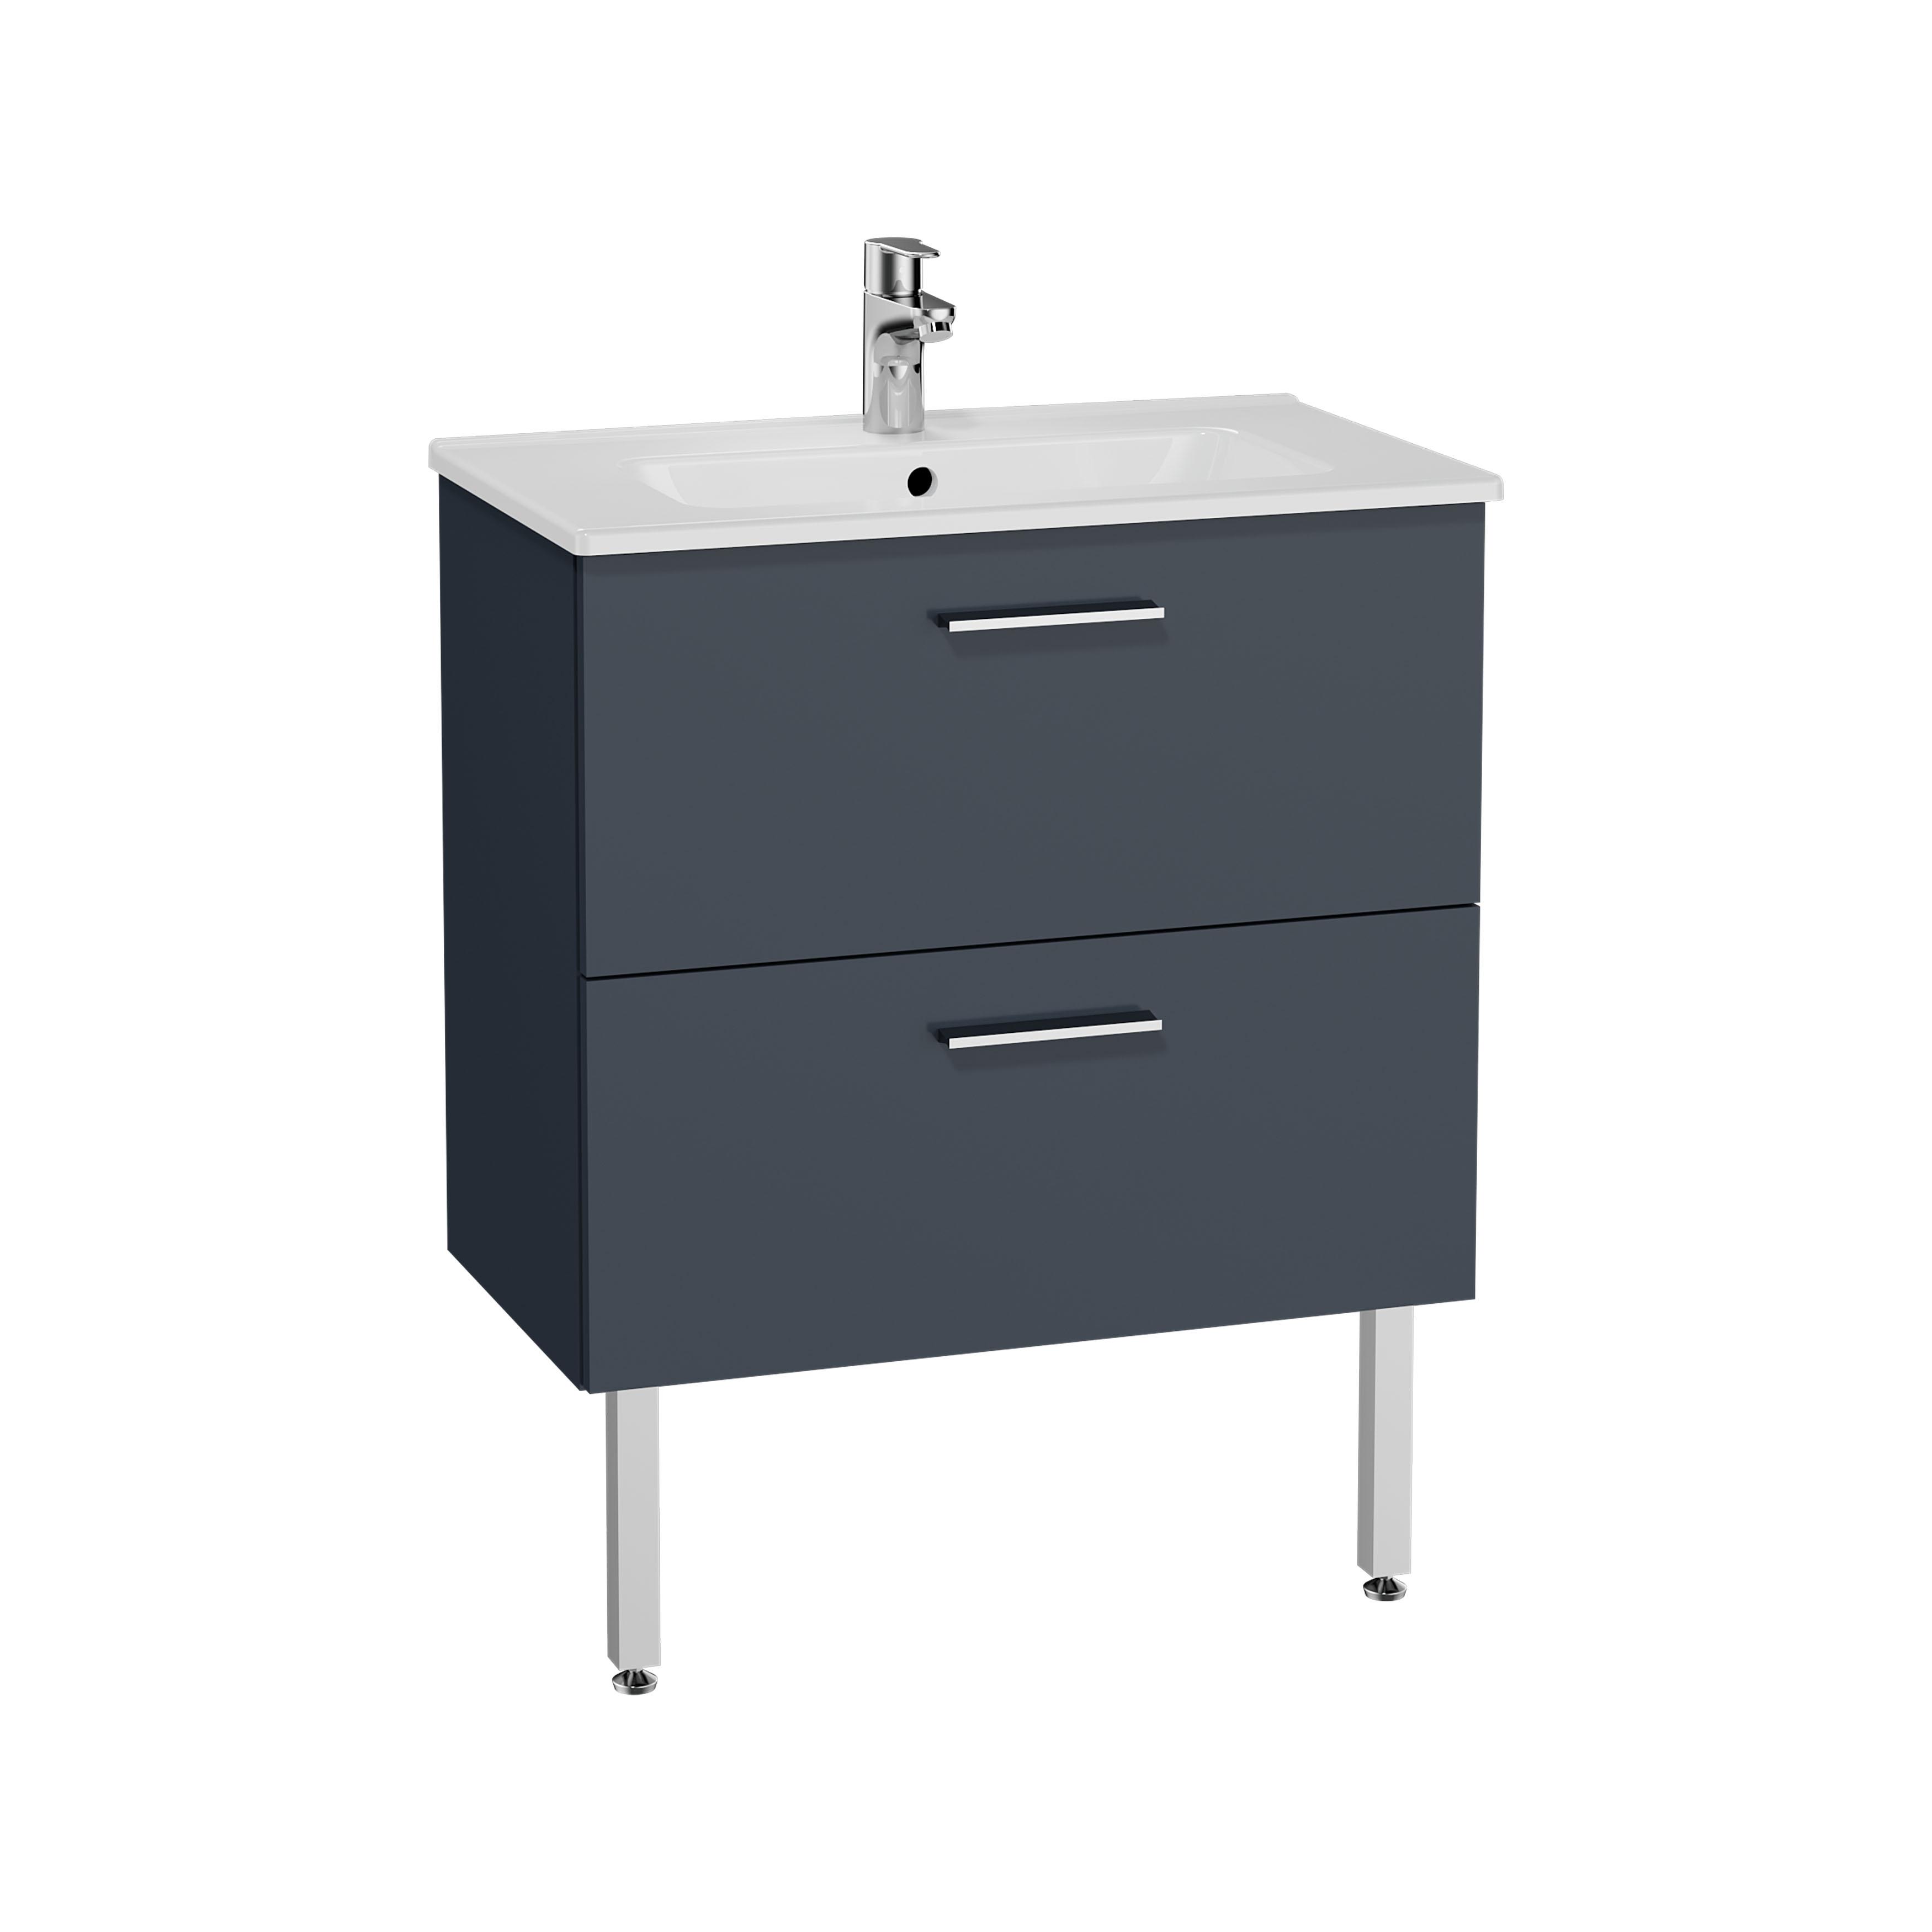 Mia set de meuble, avec 2 tiroirs, sans miroir et éclairage, 70 cm, anthraciteacite